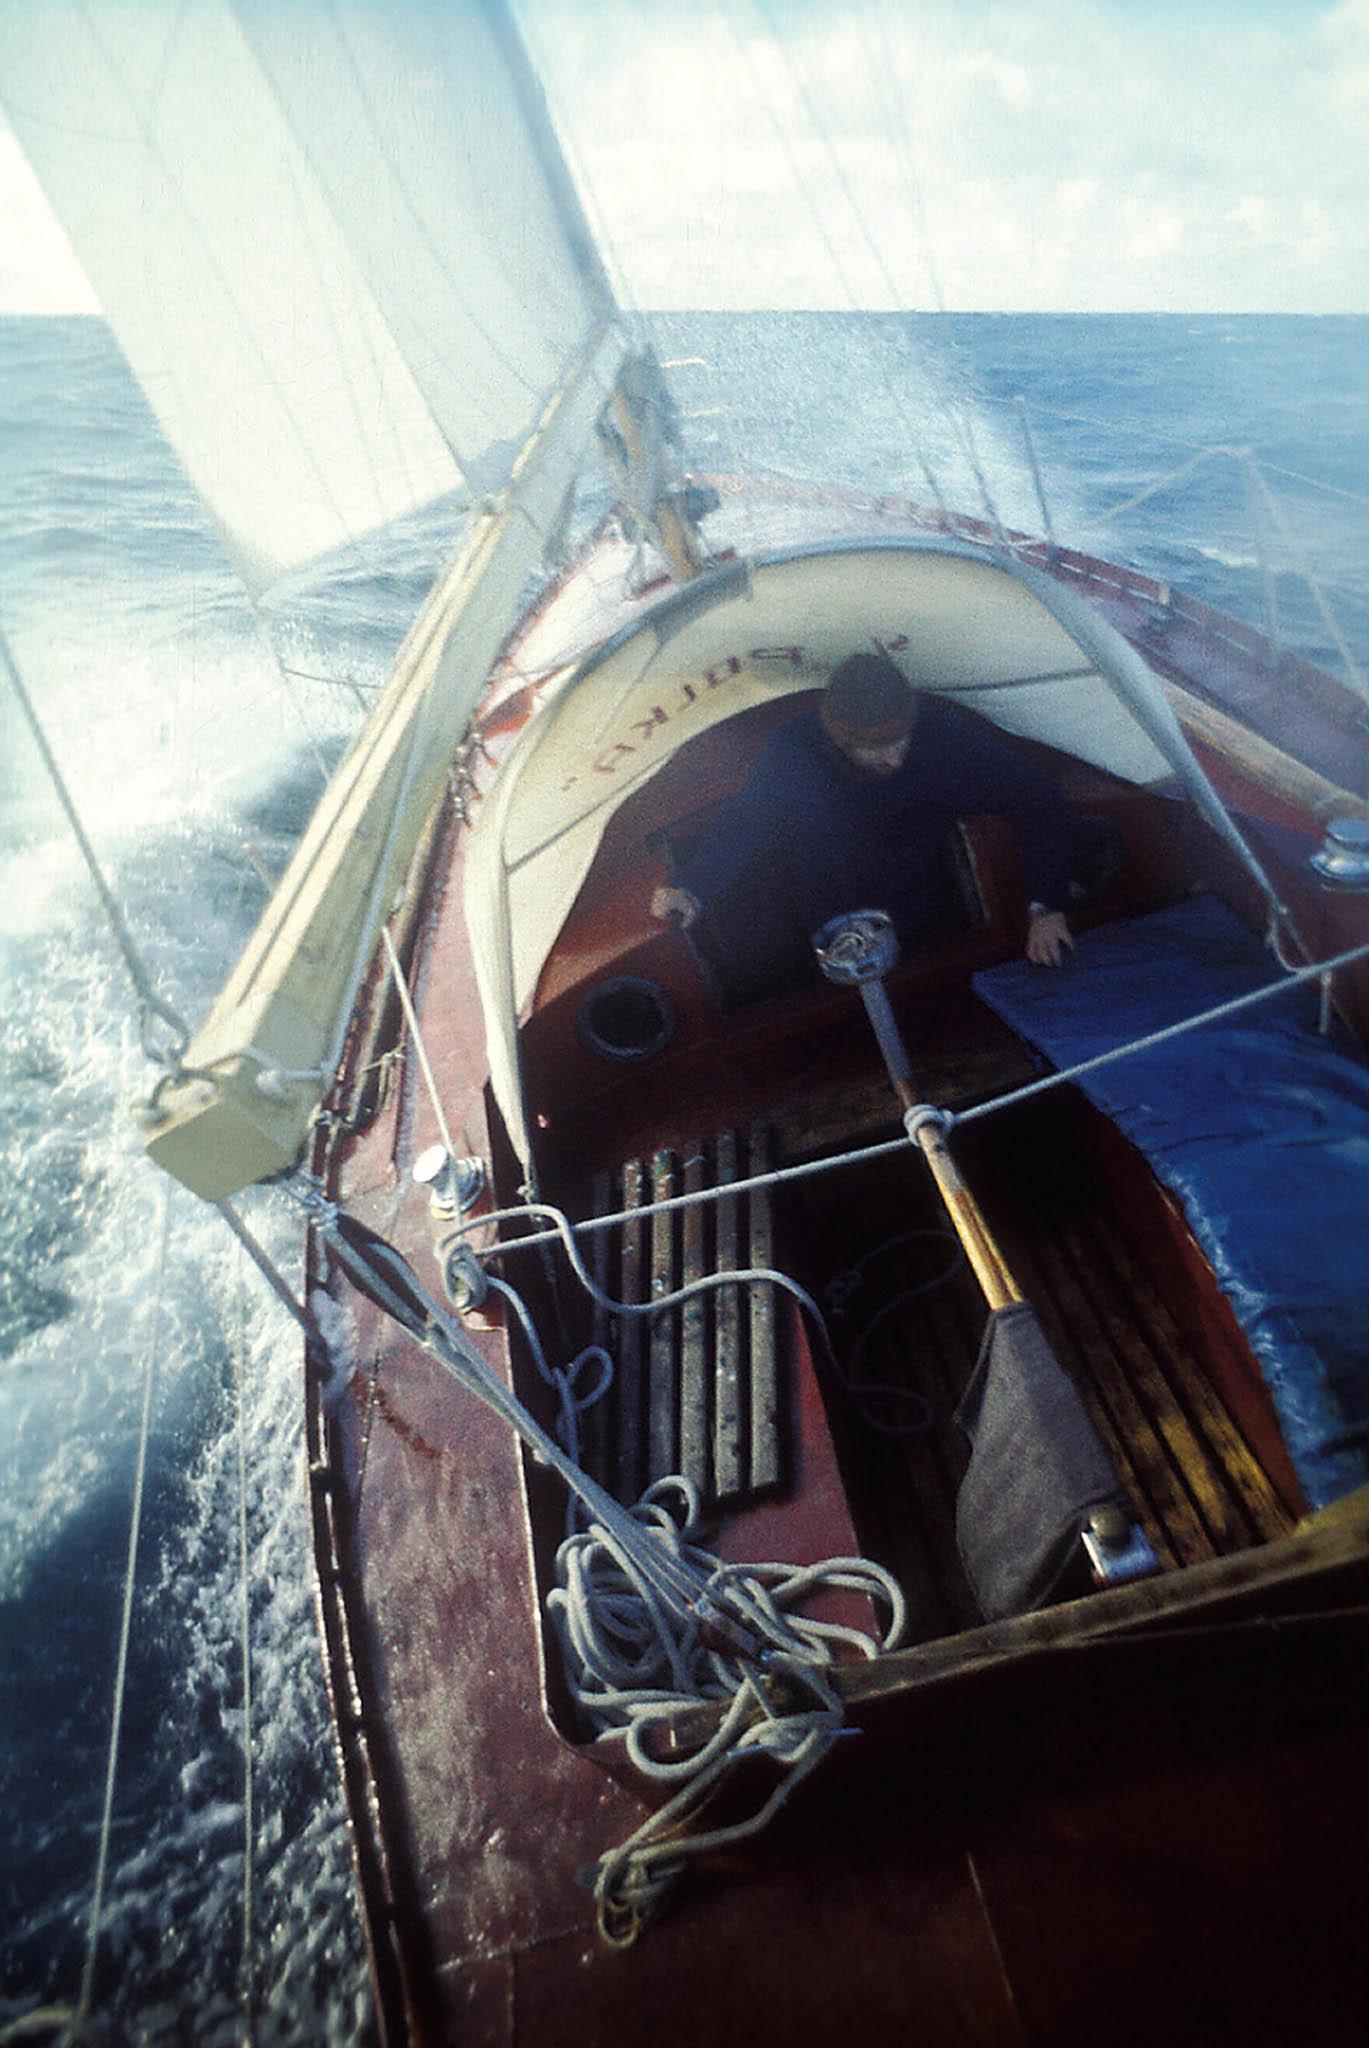 V roce 1980 se socelovou plachetnicí Polka vydal naŠpicberky avroce 1982 sní vyrazil doJižní Ameriky, kde se nechtěně přimíchal doválky oFalklandy.